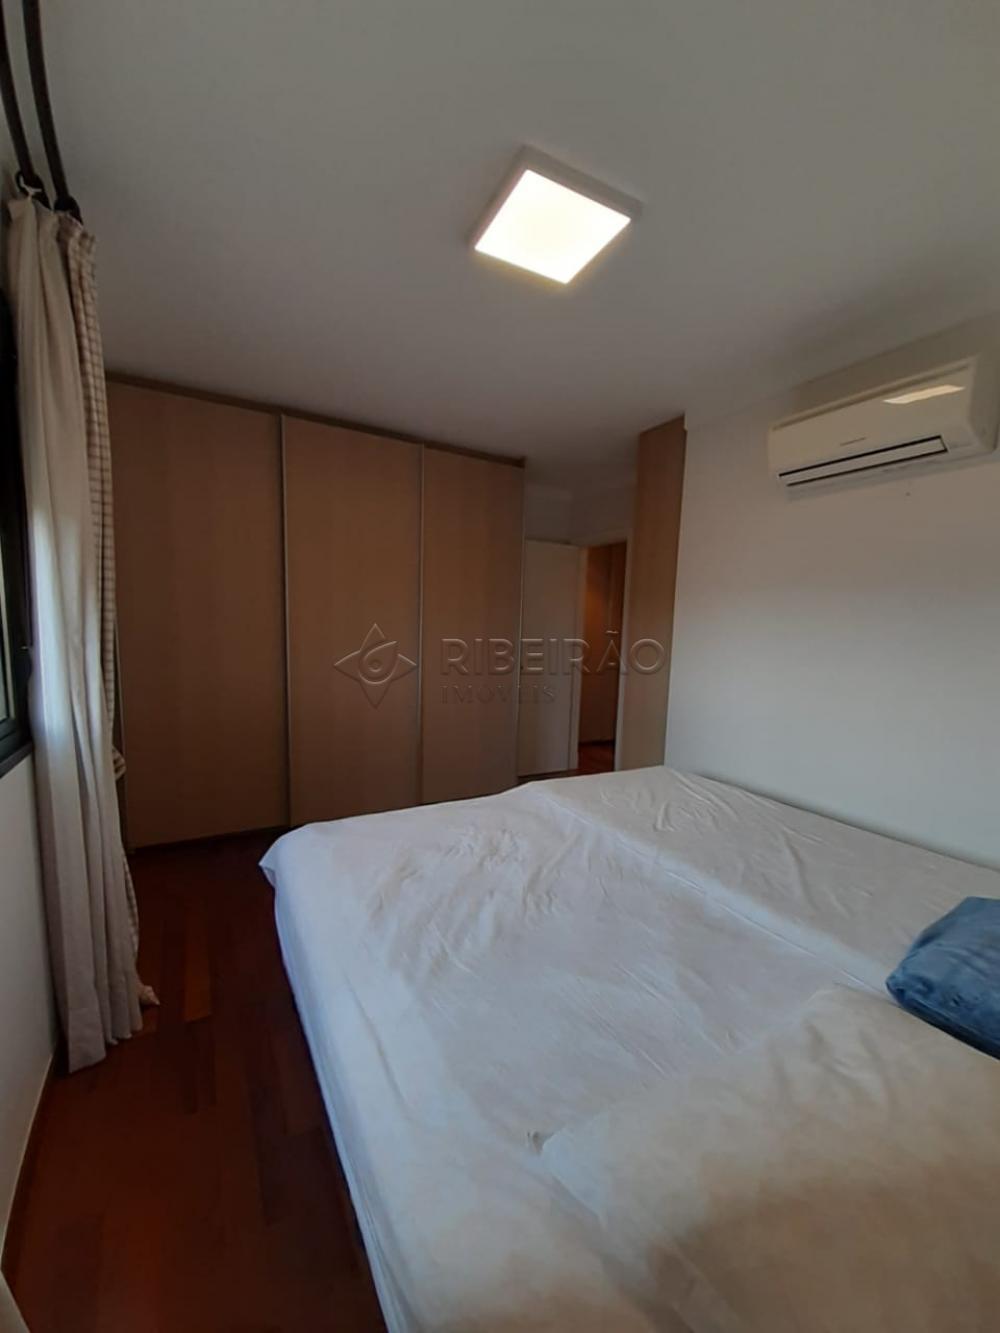 Comprar Apartamento / Padrão em Ribeirão Preto apenas R$ 1.400.000,00 - Foto 19